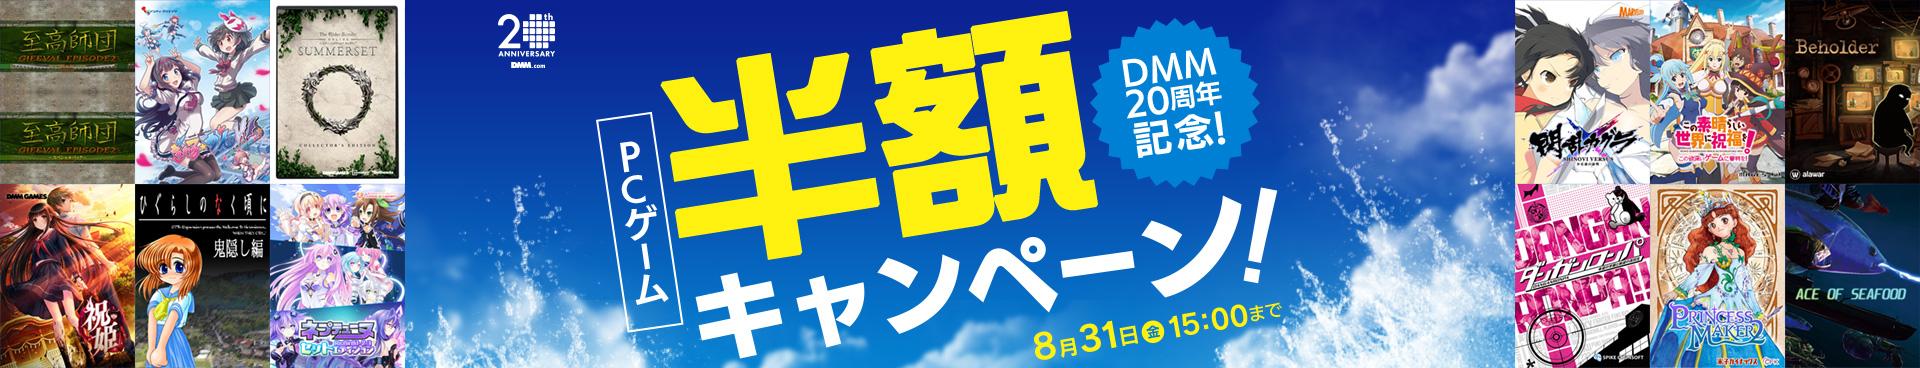 DMM20周年記念!PCゲーム・PCソフト半額キャンペーン